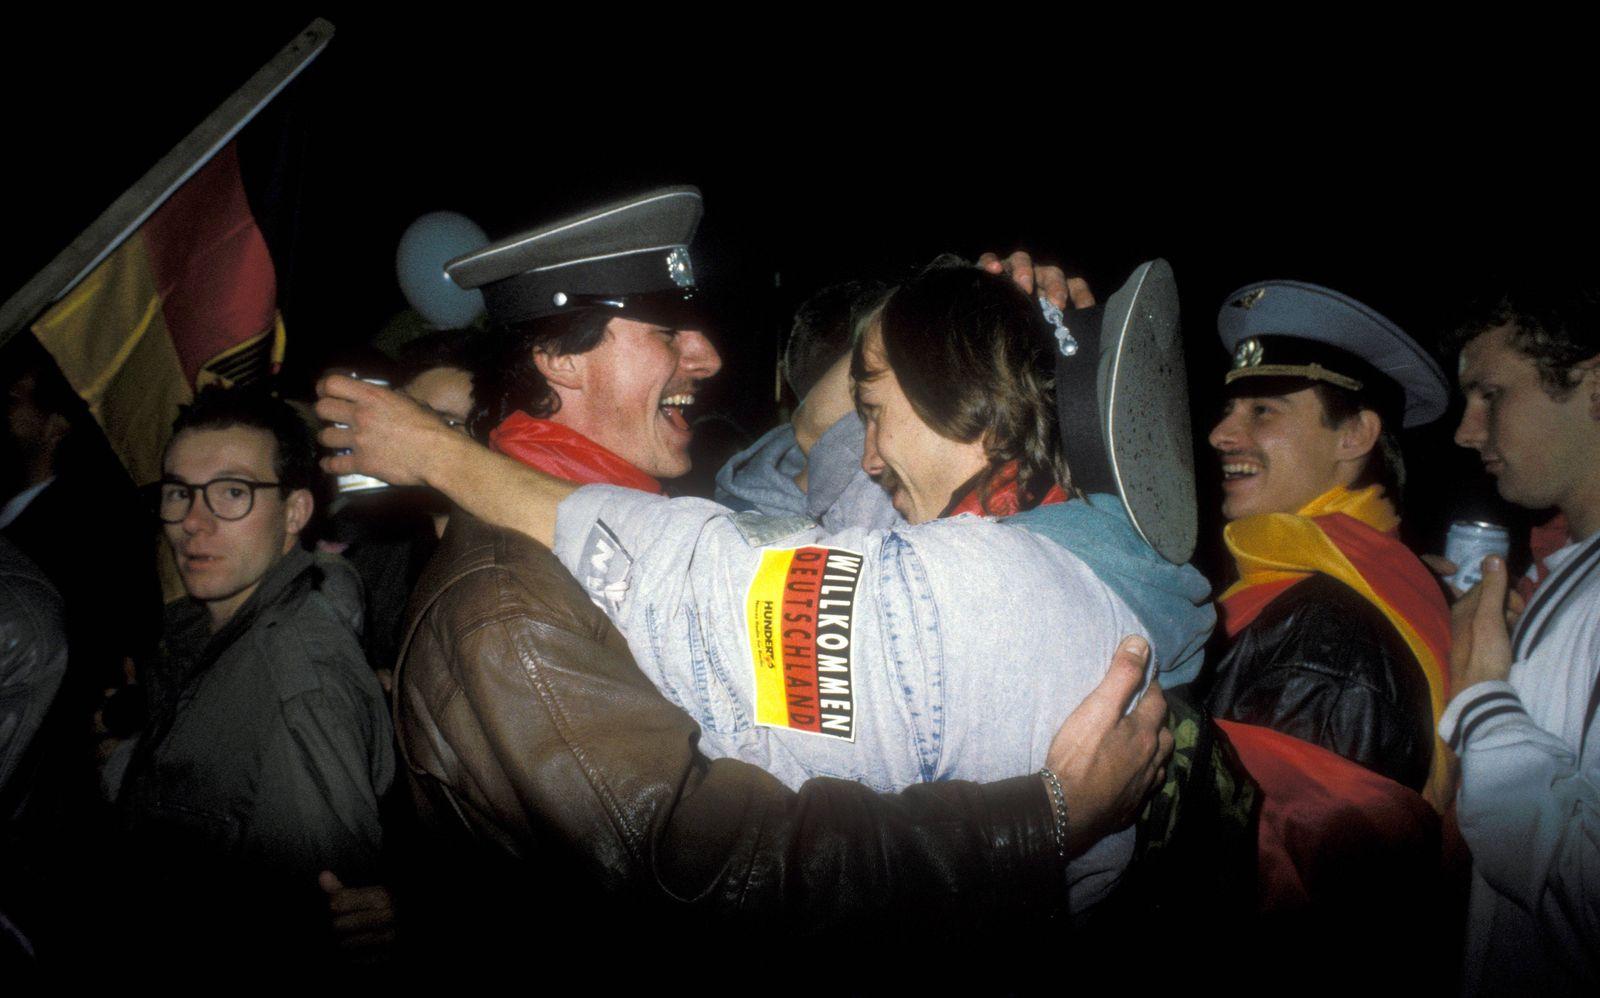 POLITIK 25 Jahre Deutsche Einheit: Die Wiedervereinigung Männer umarmen mit sich Mützen der NVA während der Feierlichke